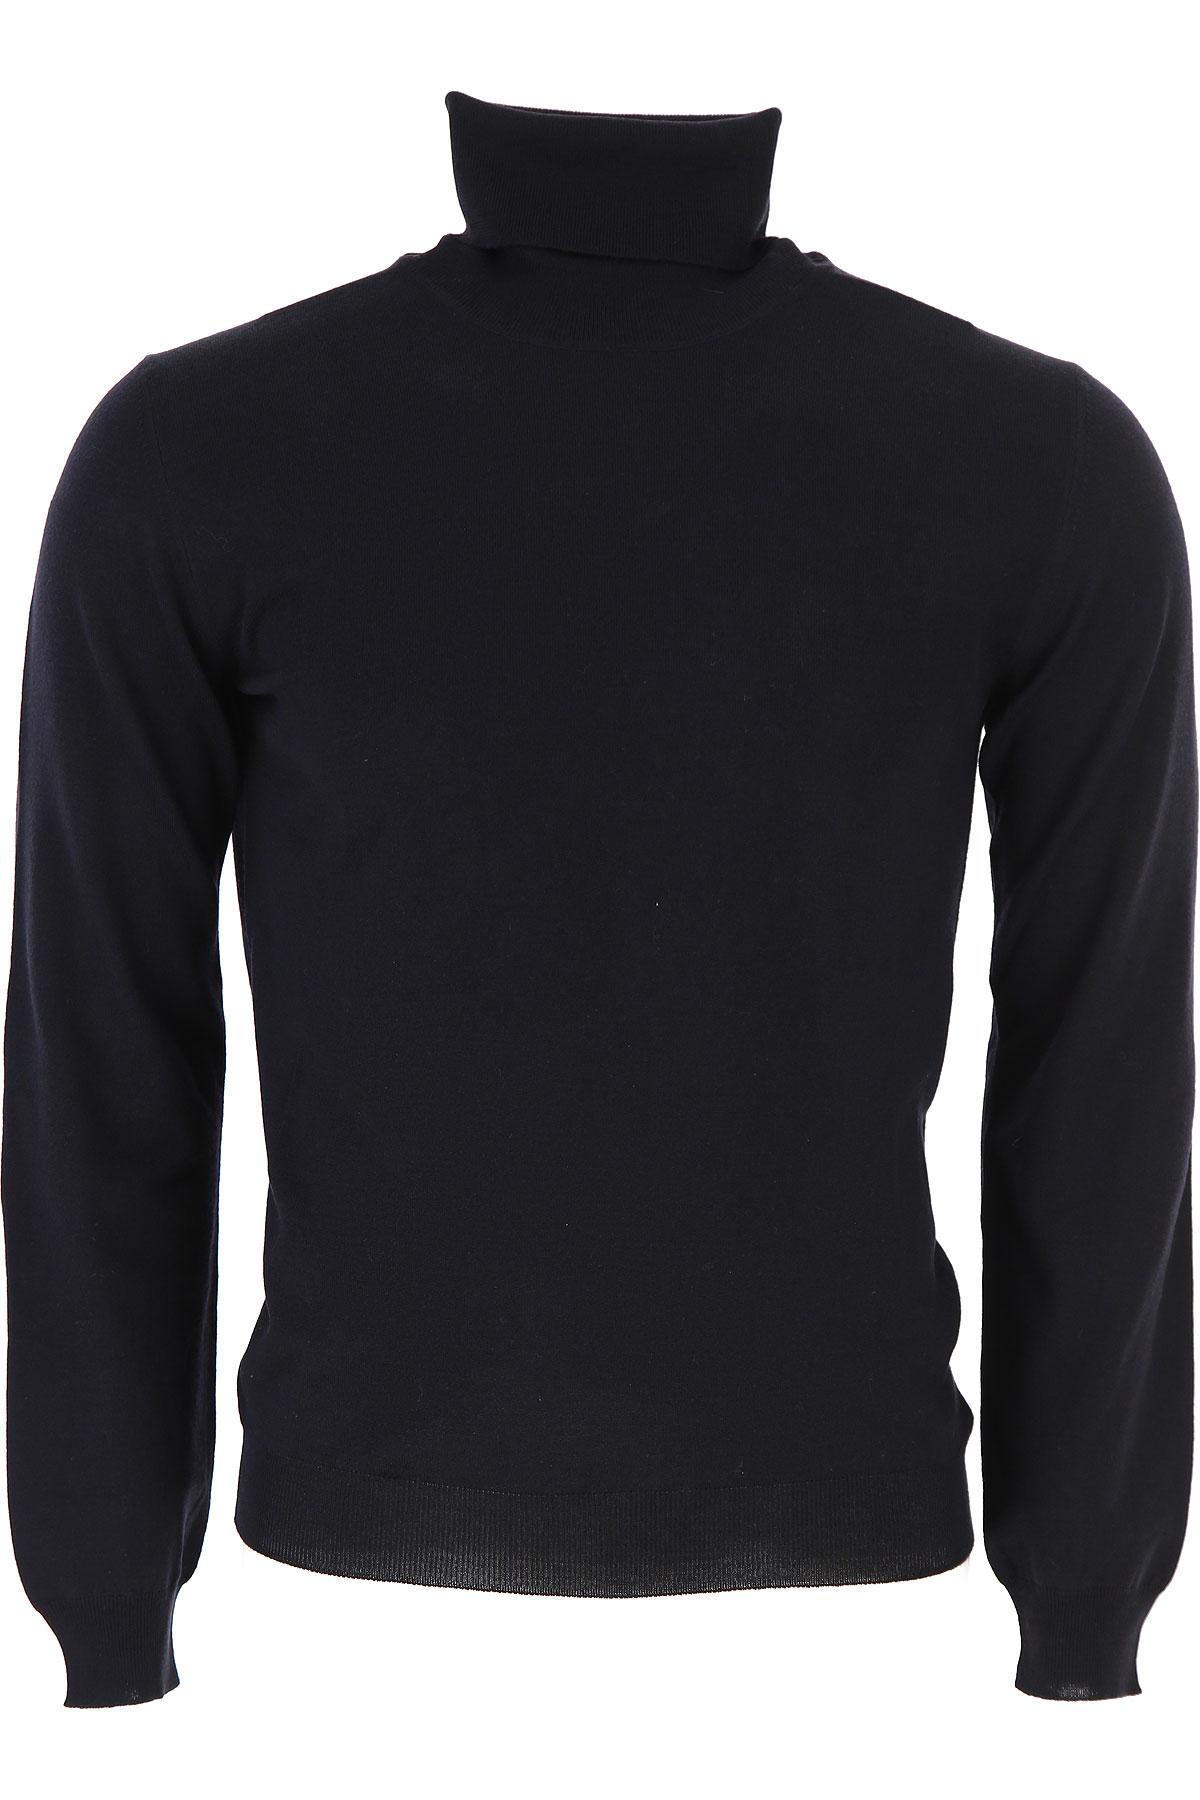 Zanone Sweater for Men Jumper On Sale, Blue Navy Melange, Virgin wool, 2019, L S